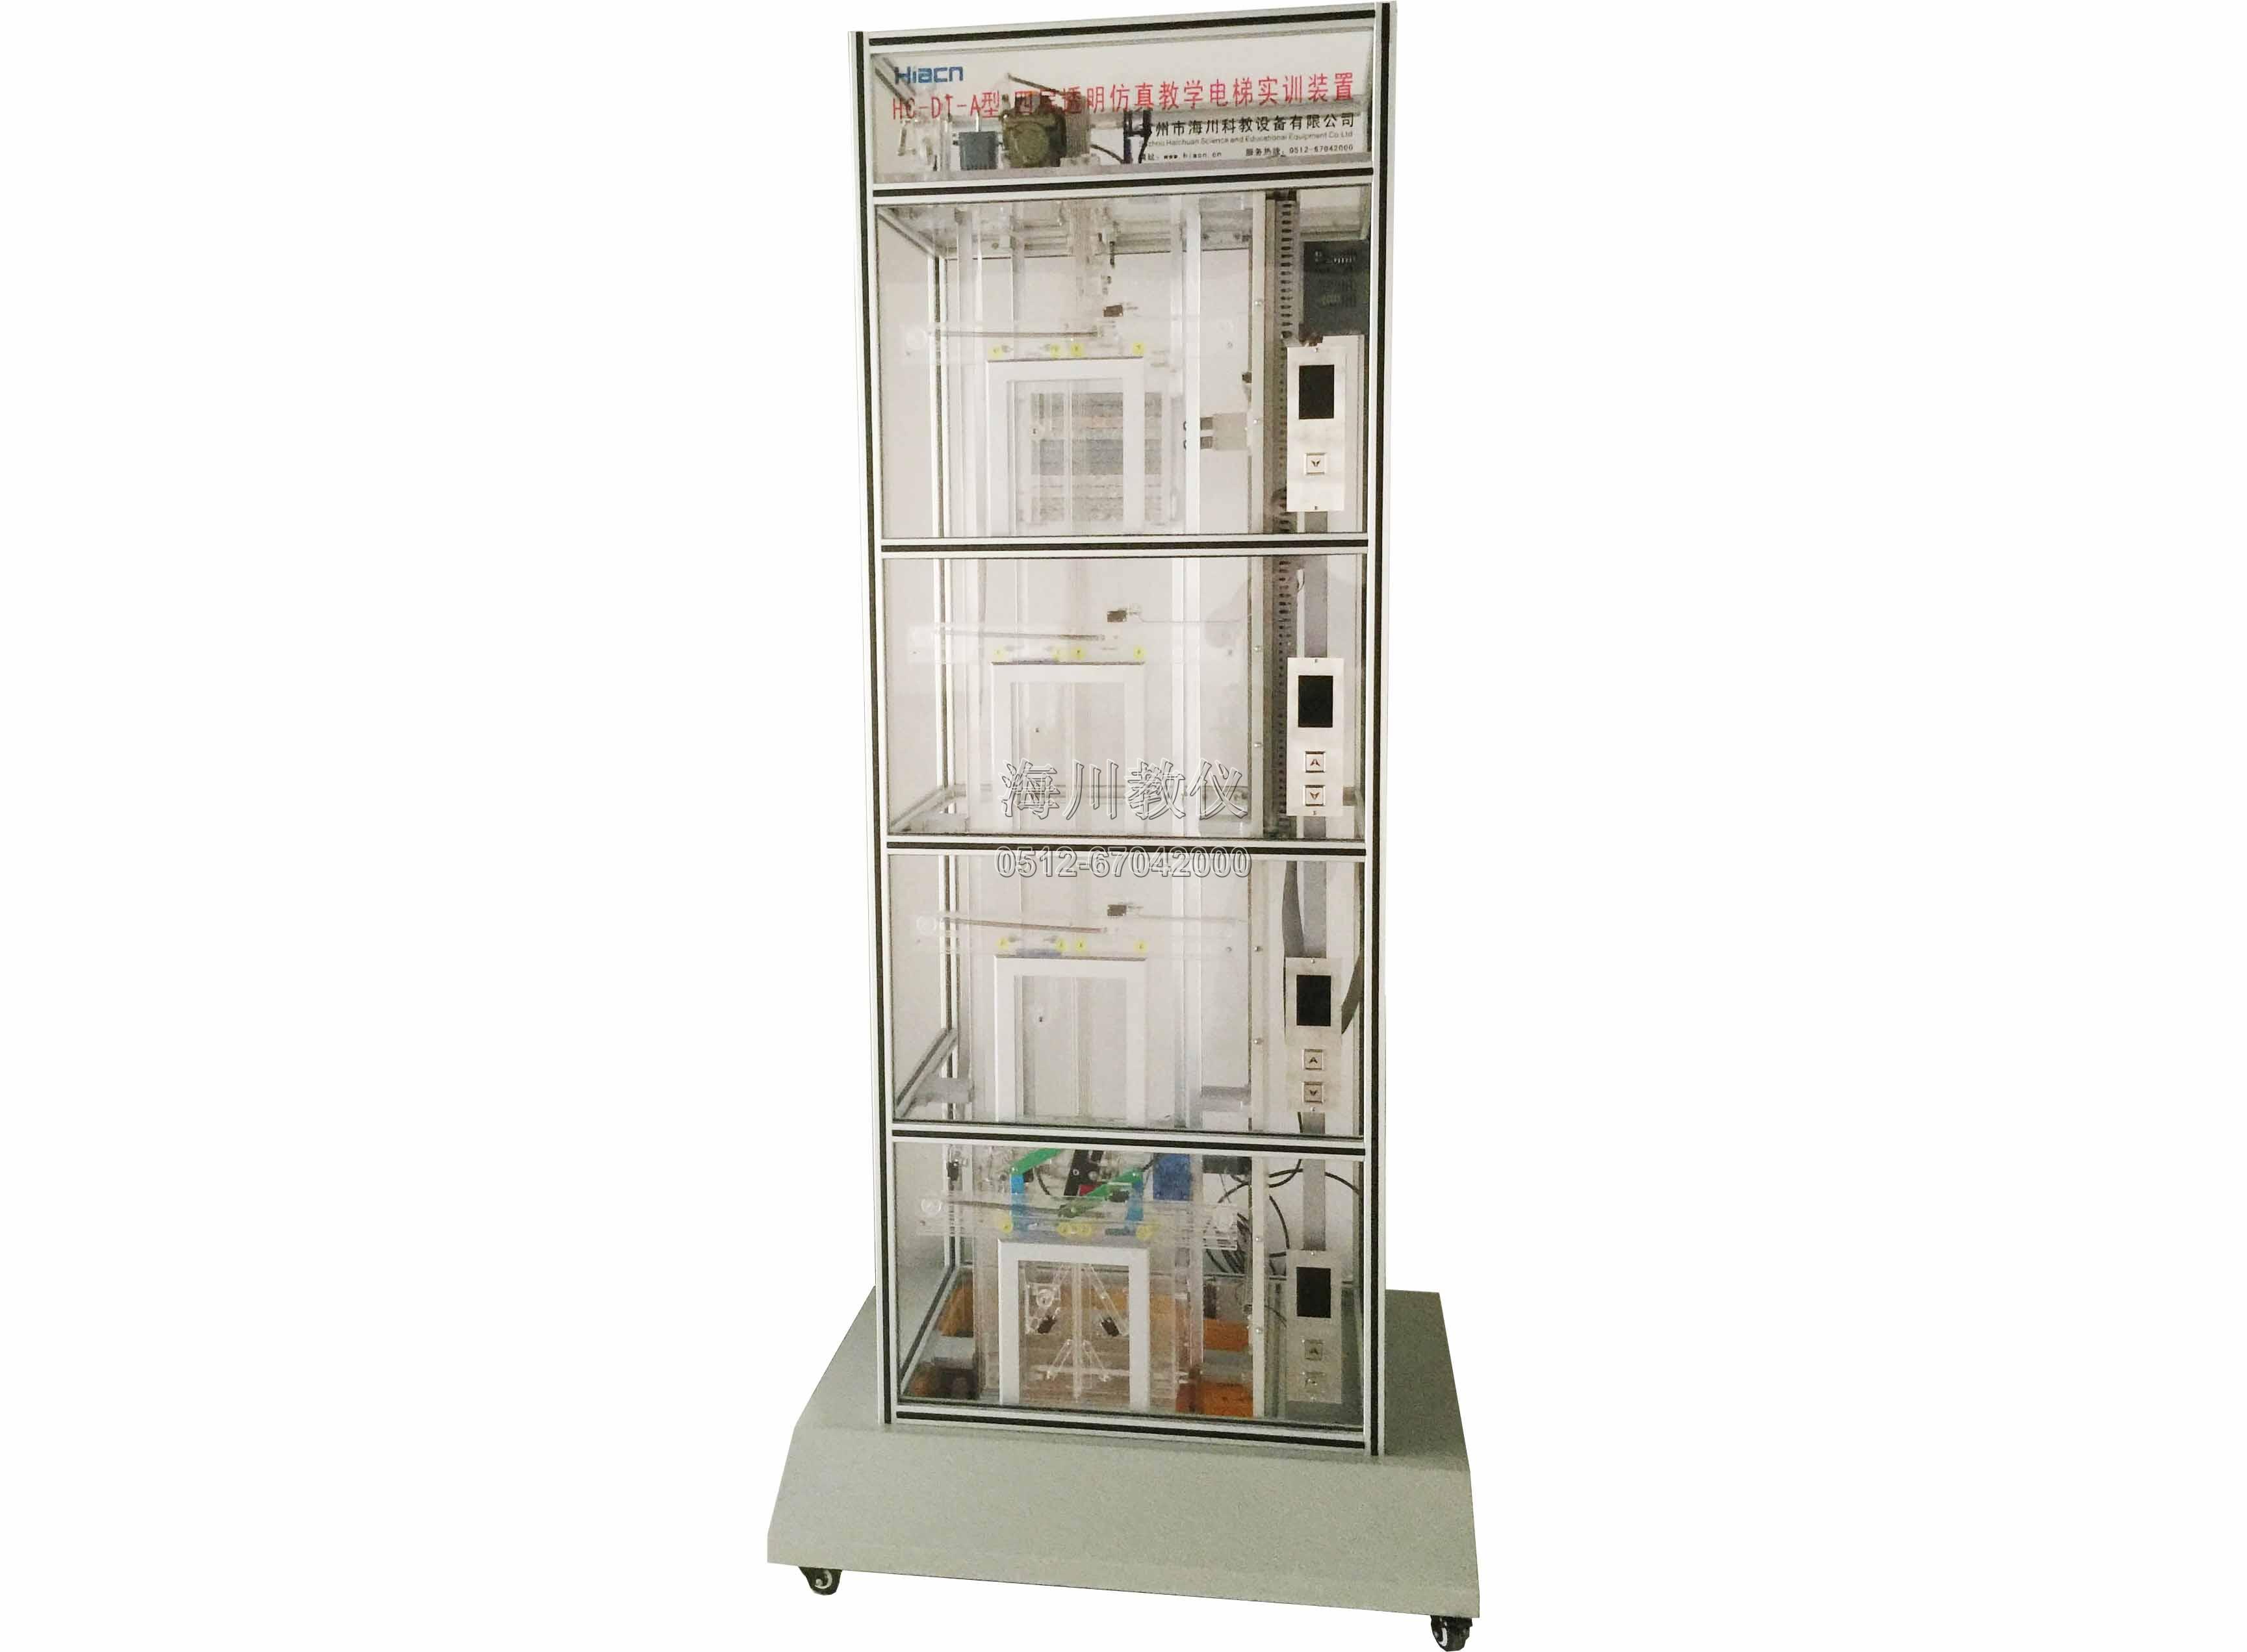 四层透明仿真教学电梯实训装置产品图片